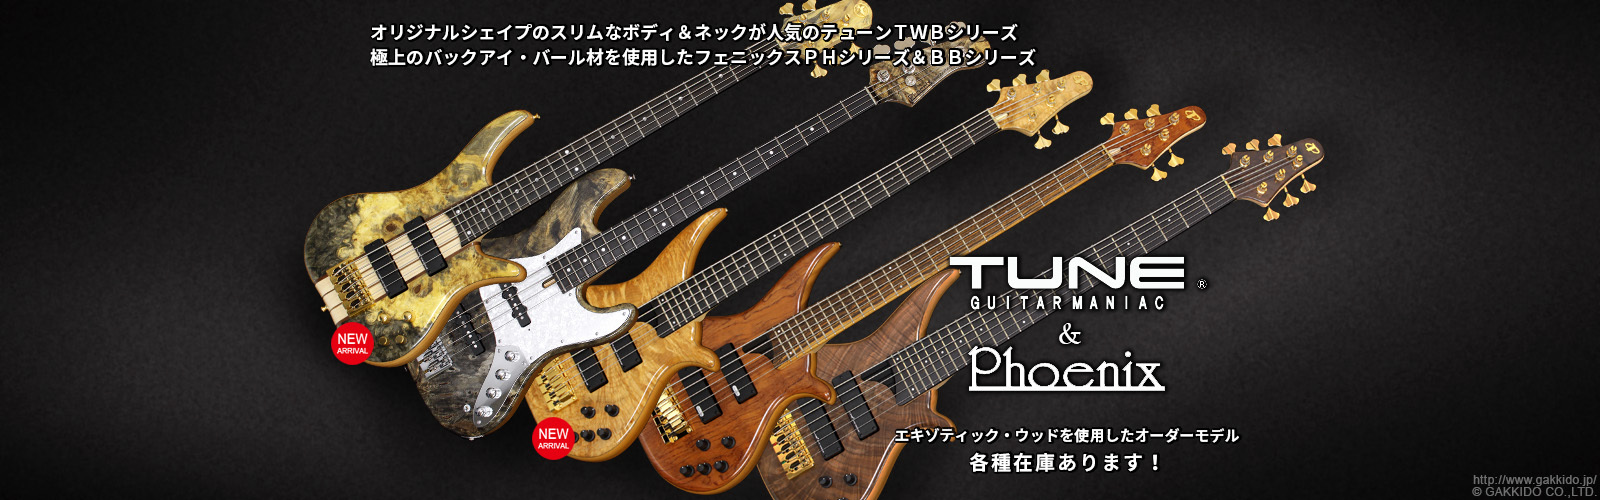 TUNE & Phoenixベースのカスタムオーダーモデル各種在庫あります!